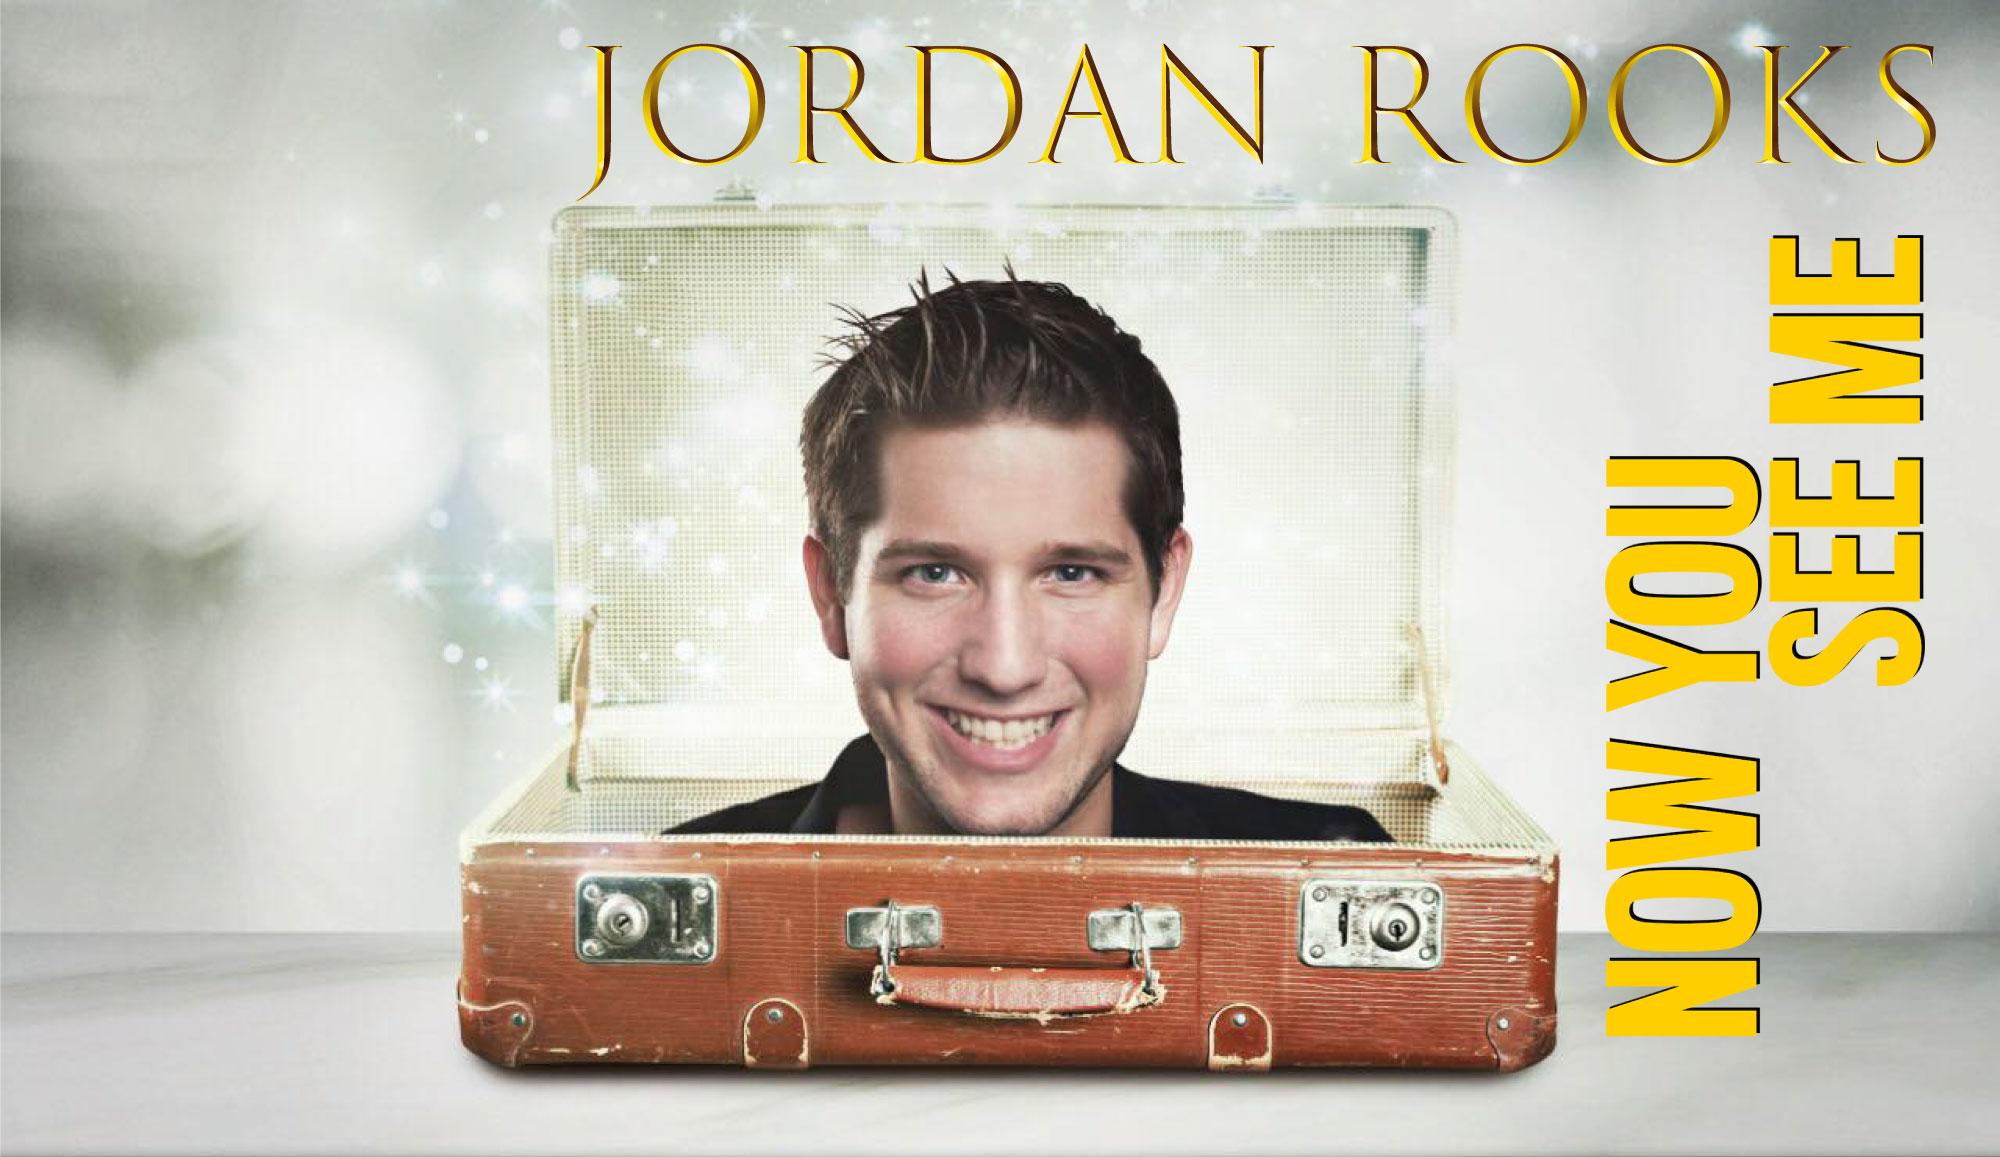 Jordan Rooks Trailer